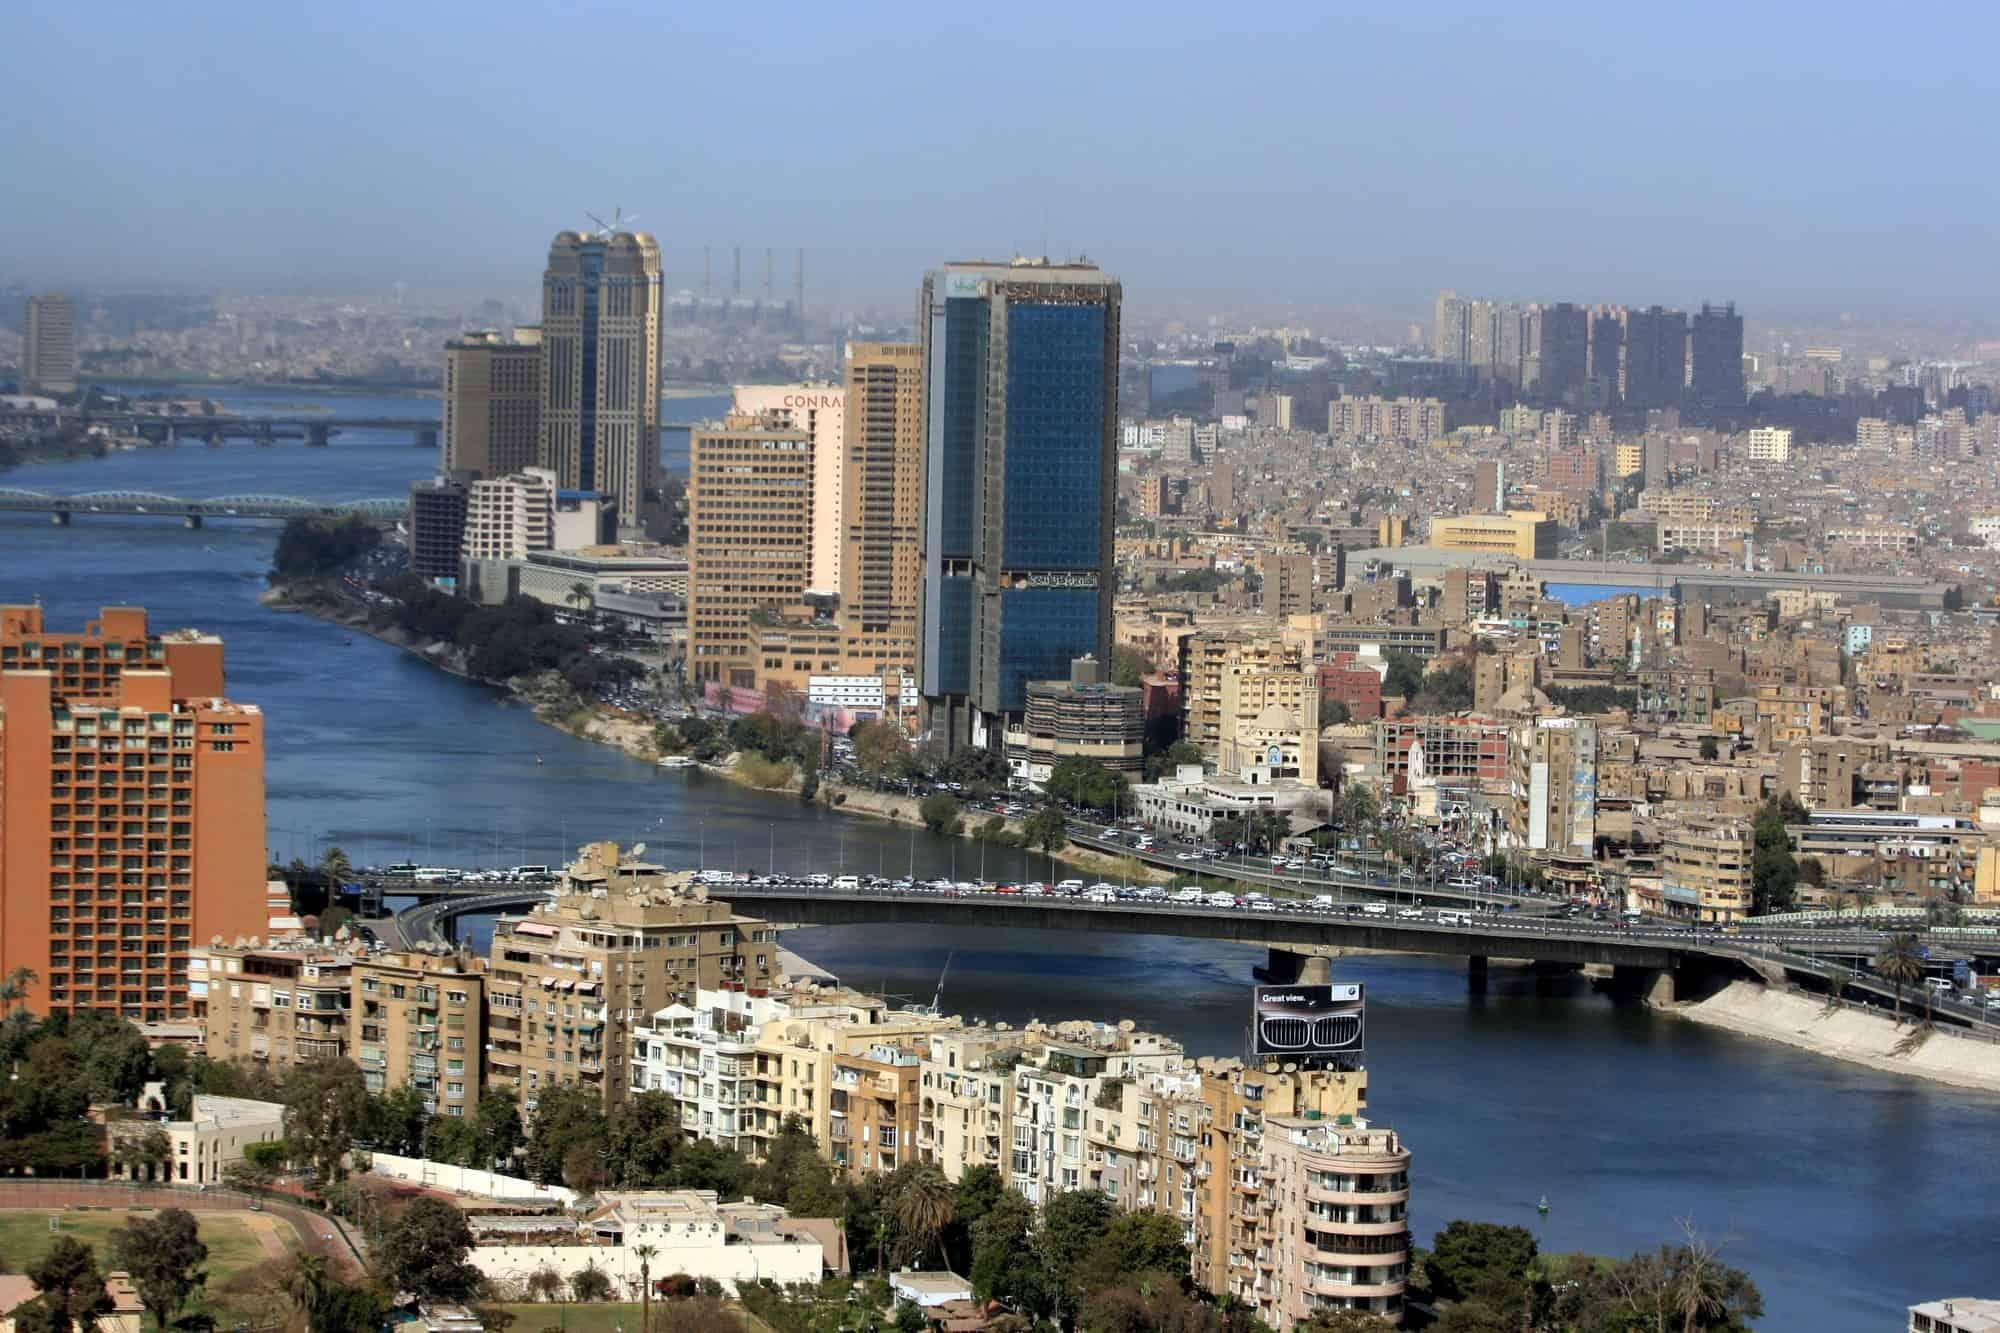 الأرصاد : طقس اليوم شديد البرودة ليلًا والصغرى بالقاهرة 10 درجات